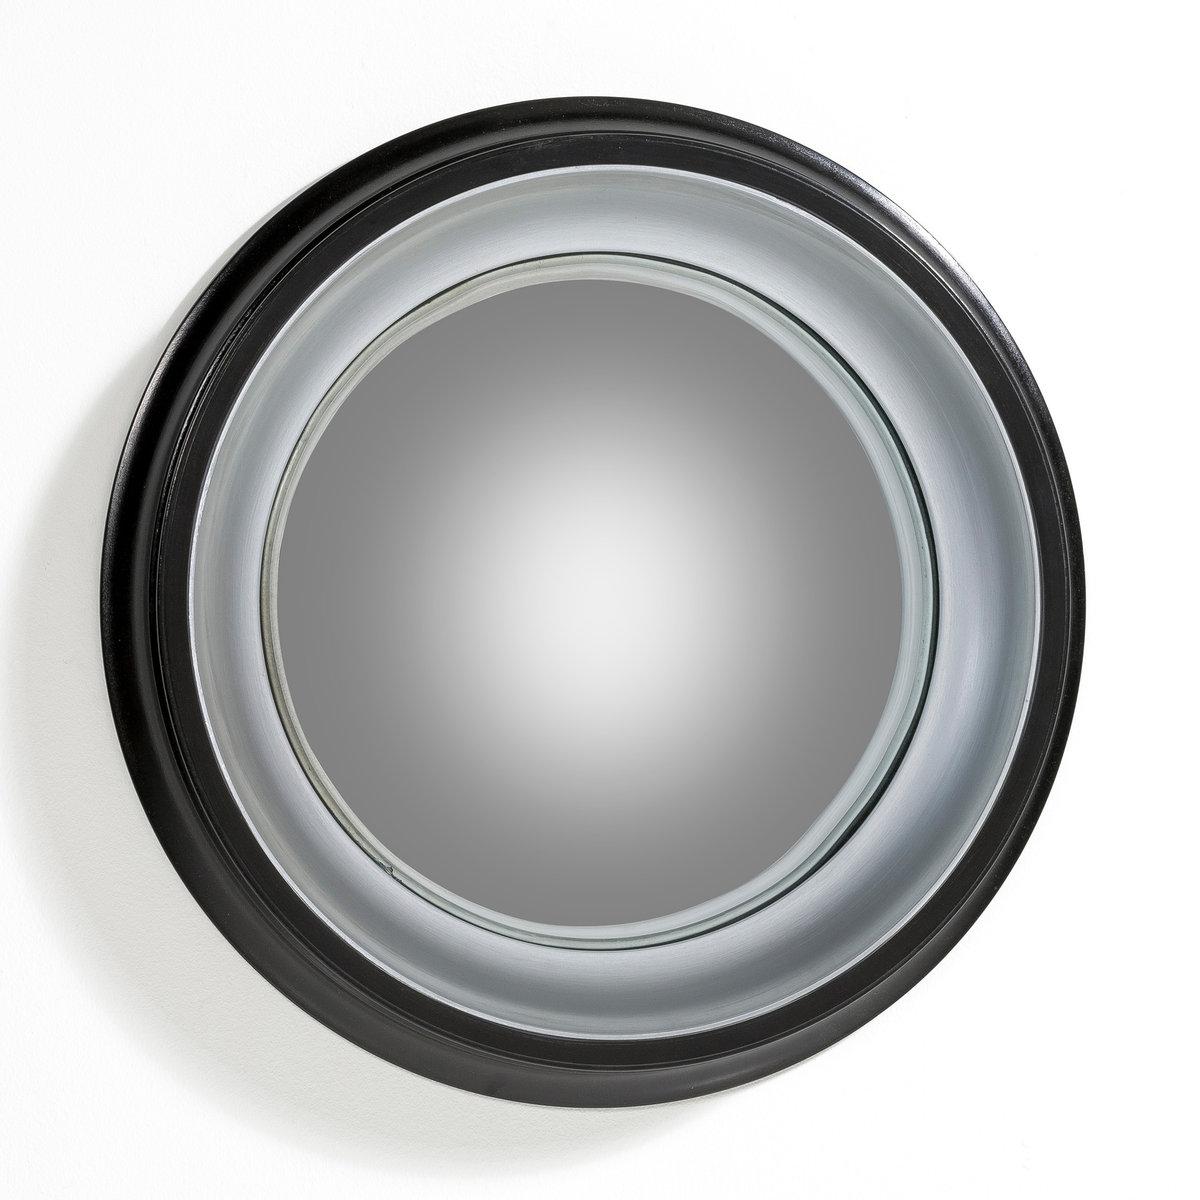 Зеркало Samantha, большой размер?60 смХарактеристики: : Рама из МДФ, отделка черного и золотистого цвета. Выпуклое алюминиевое стекло. Металлические крепления, которые заделываются в стену.Размеры  :Диаметр 60 см.<br><br>Цвет: черный/ золотистый,черный/ серебристый<br>Размер: ? 60см.? 60см